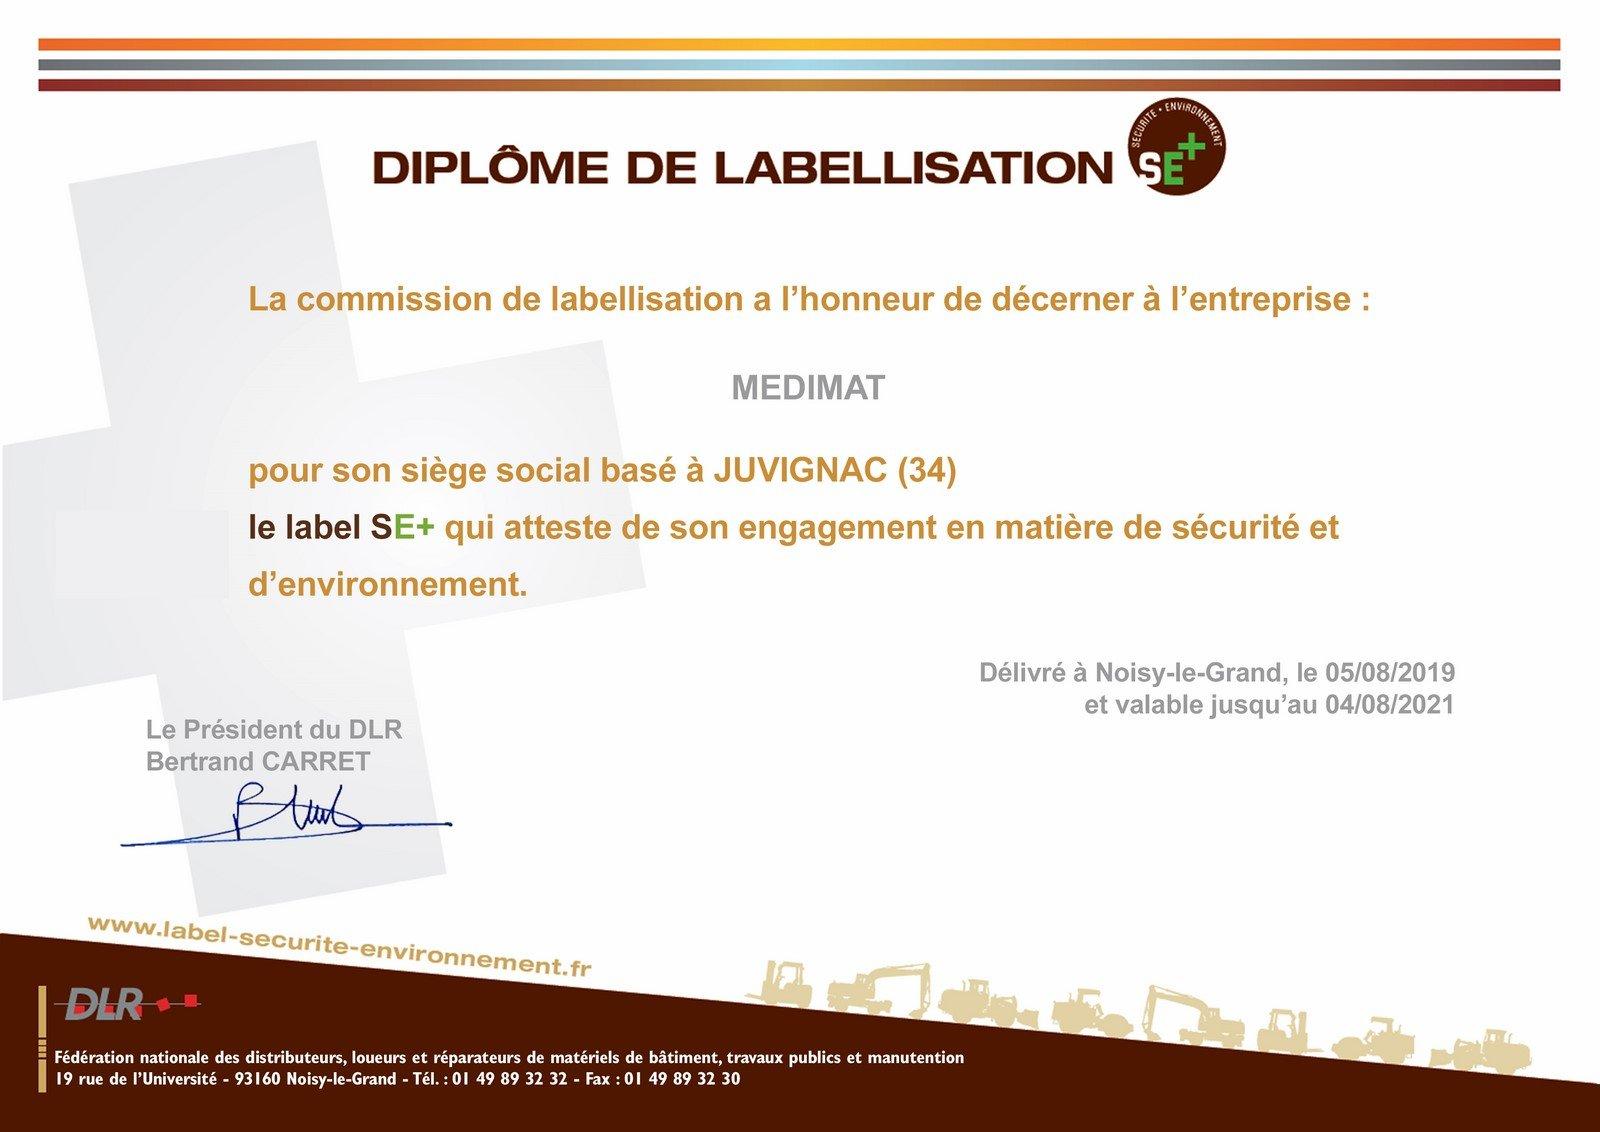 label SE+ MEDIMAT 2019